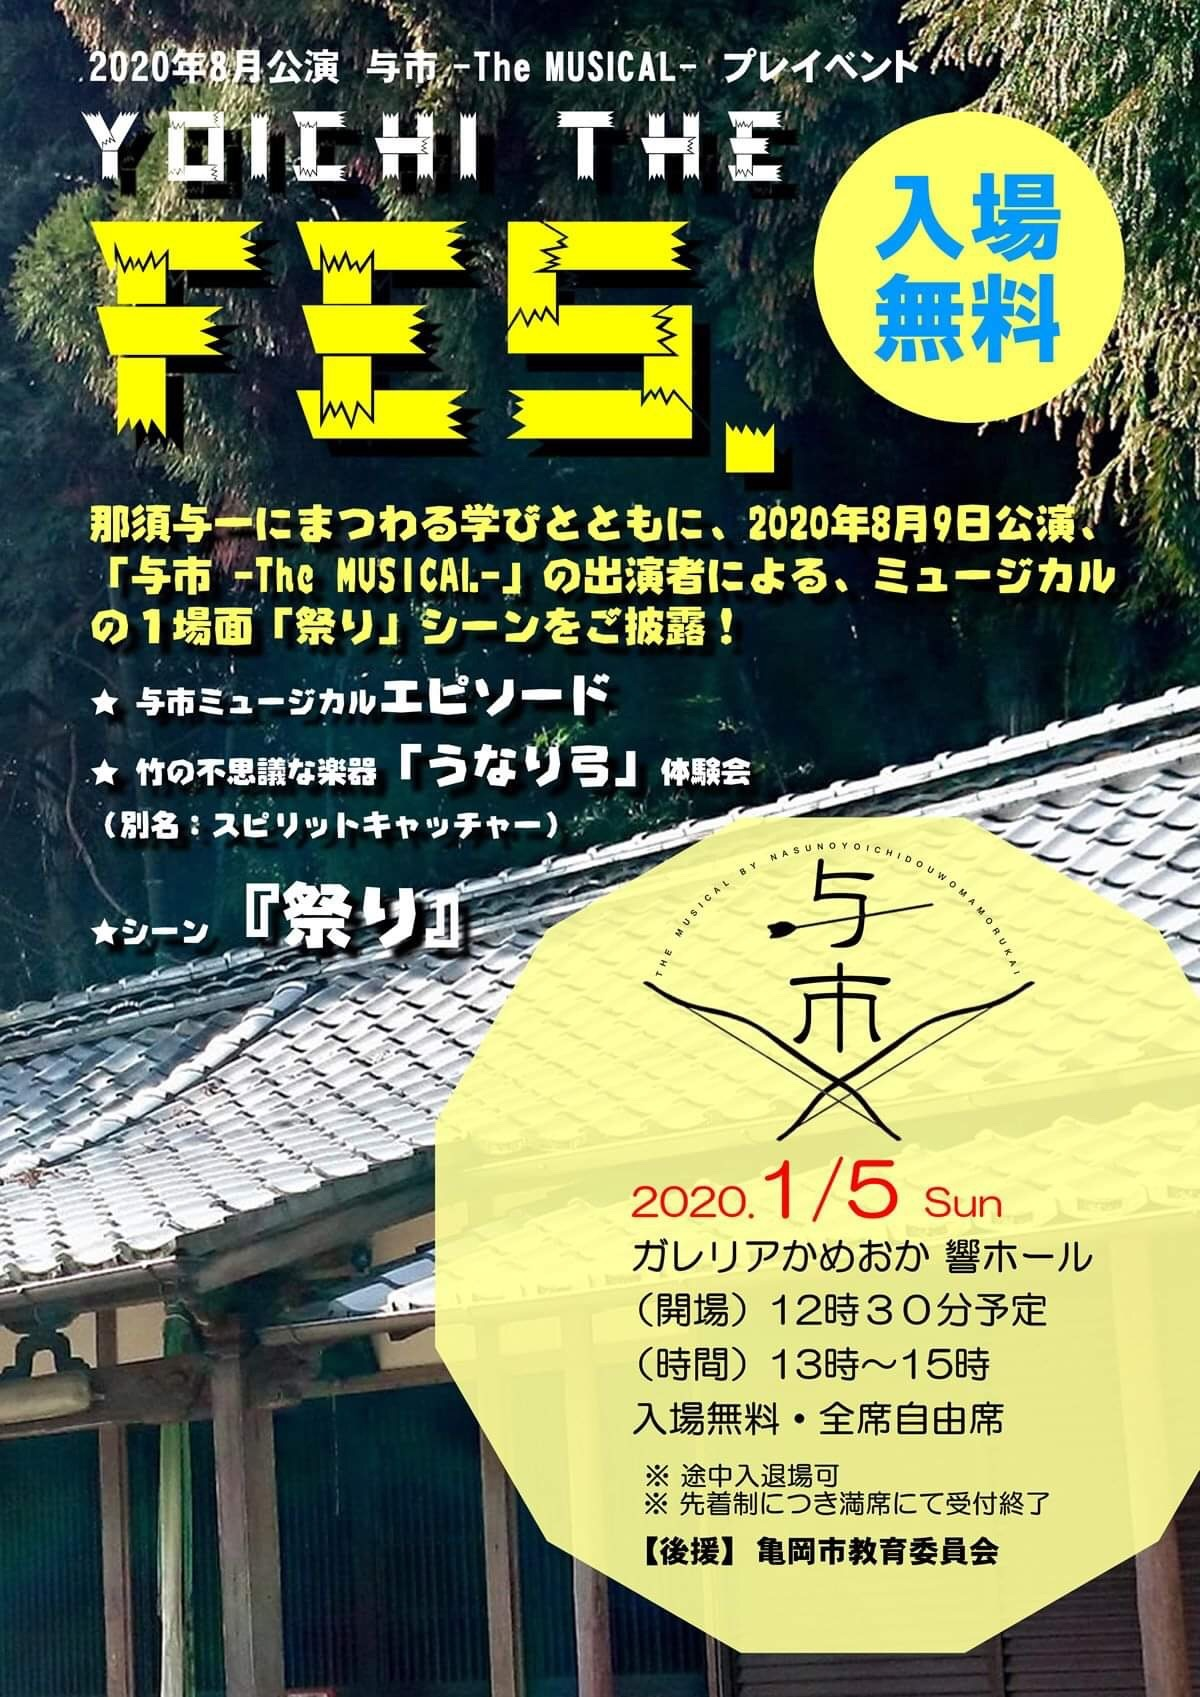 市民ミュージカル「与市」イベント出演決定!出演者募集!_c0180209_21510873.jpeg